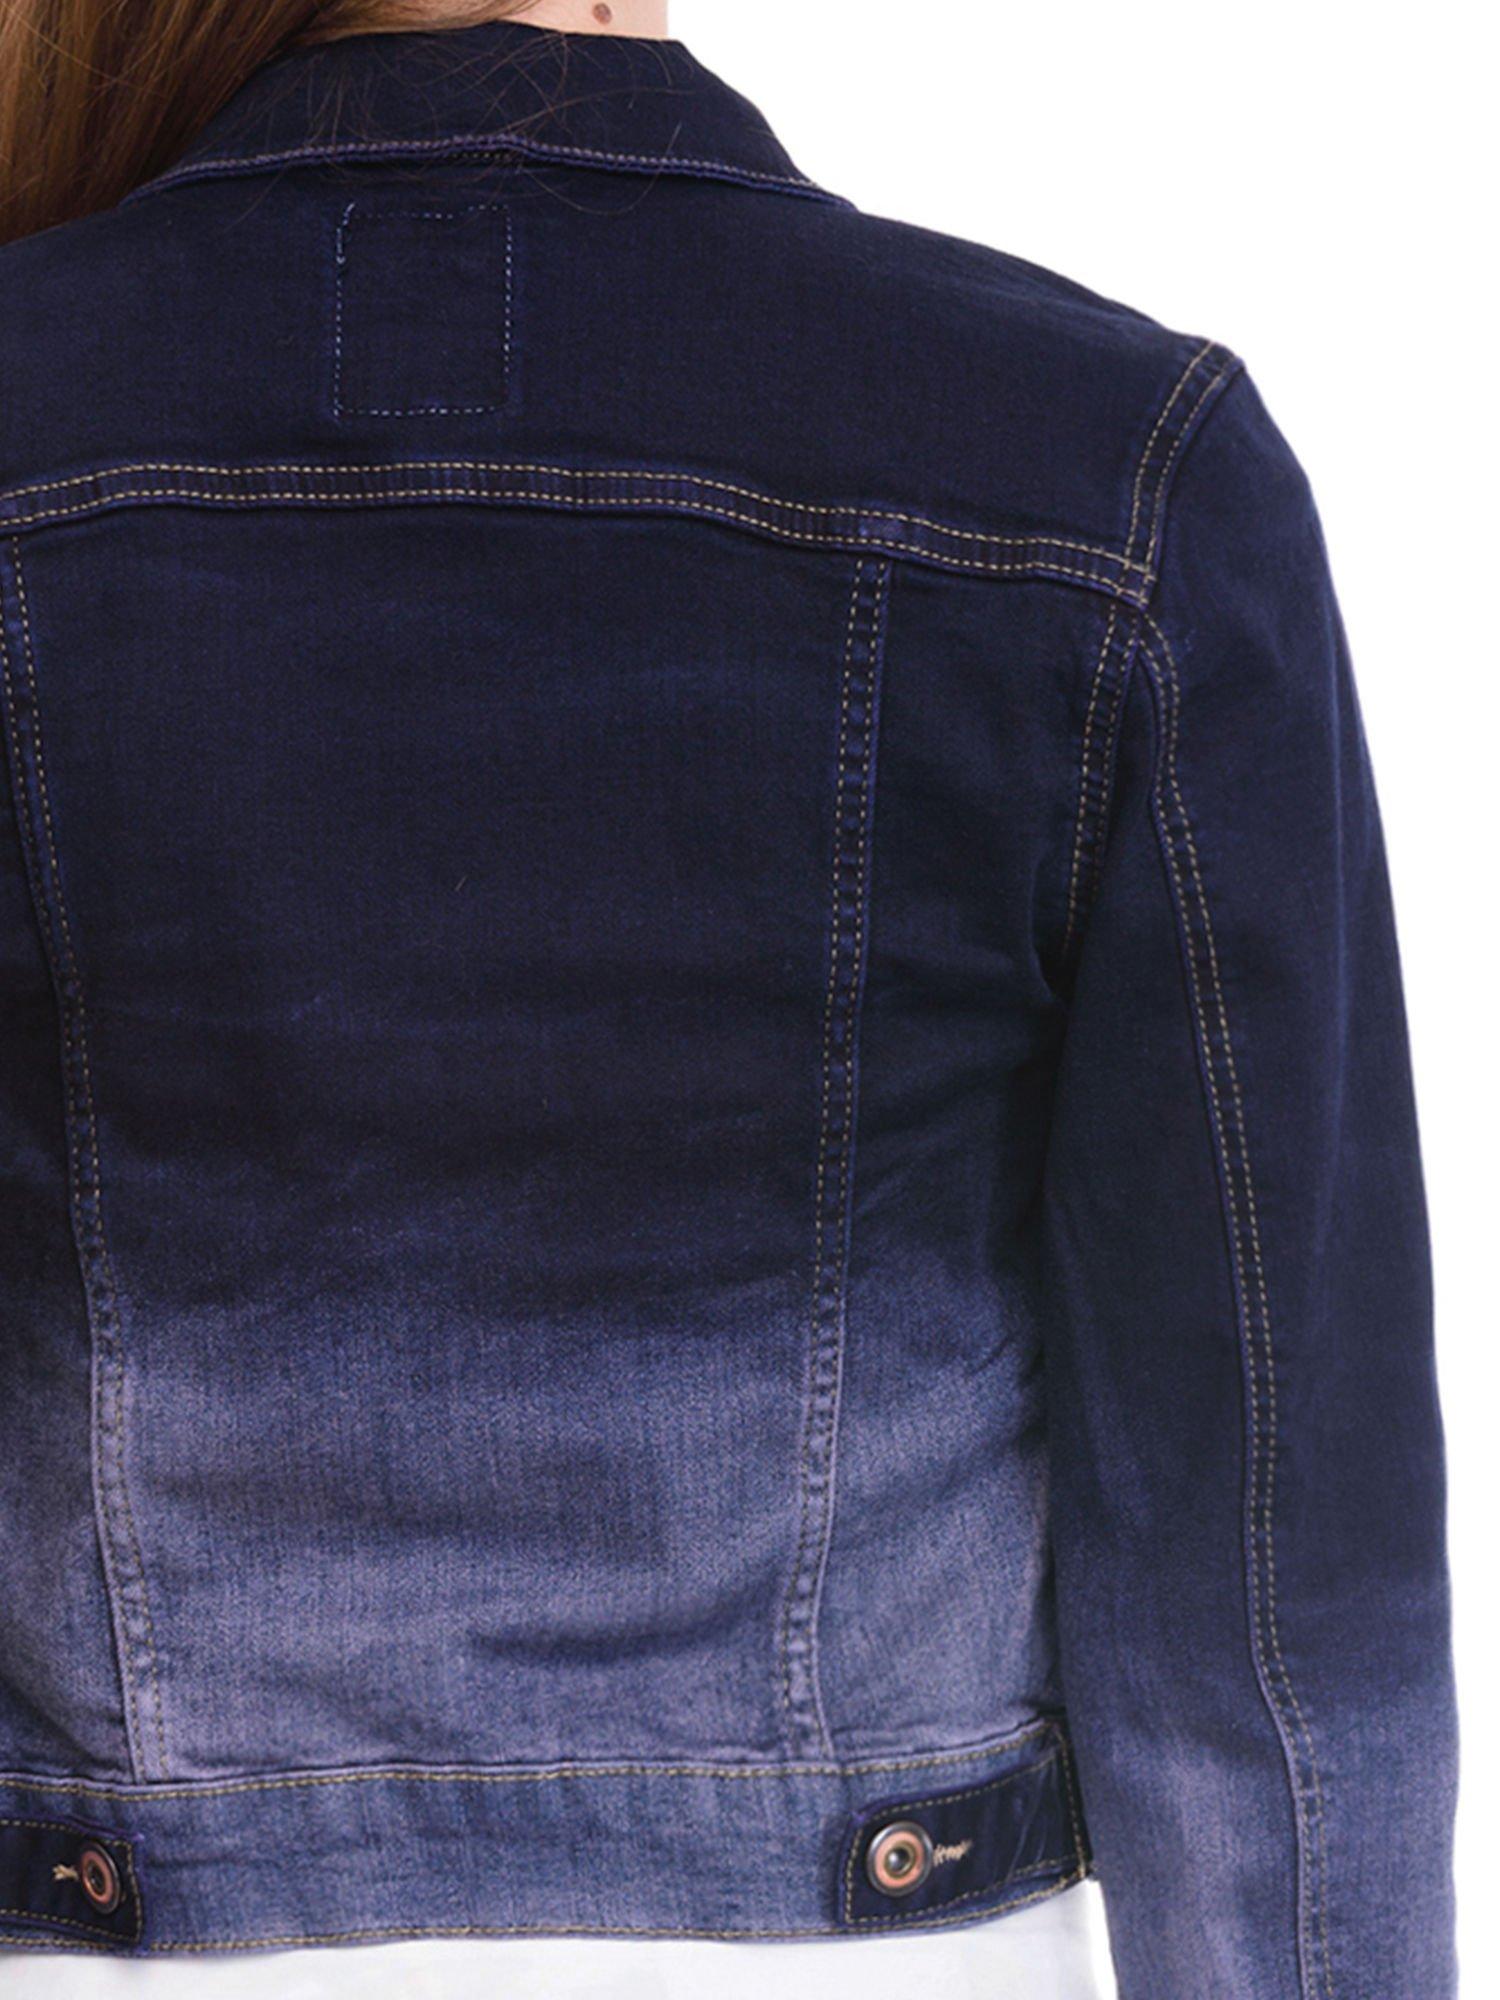 Kurtka jeansowa damska z efektem ombre w kolorze granatowym                                  zdj.                                  7